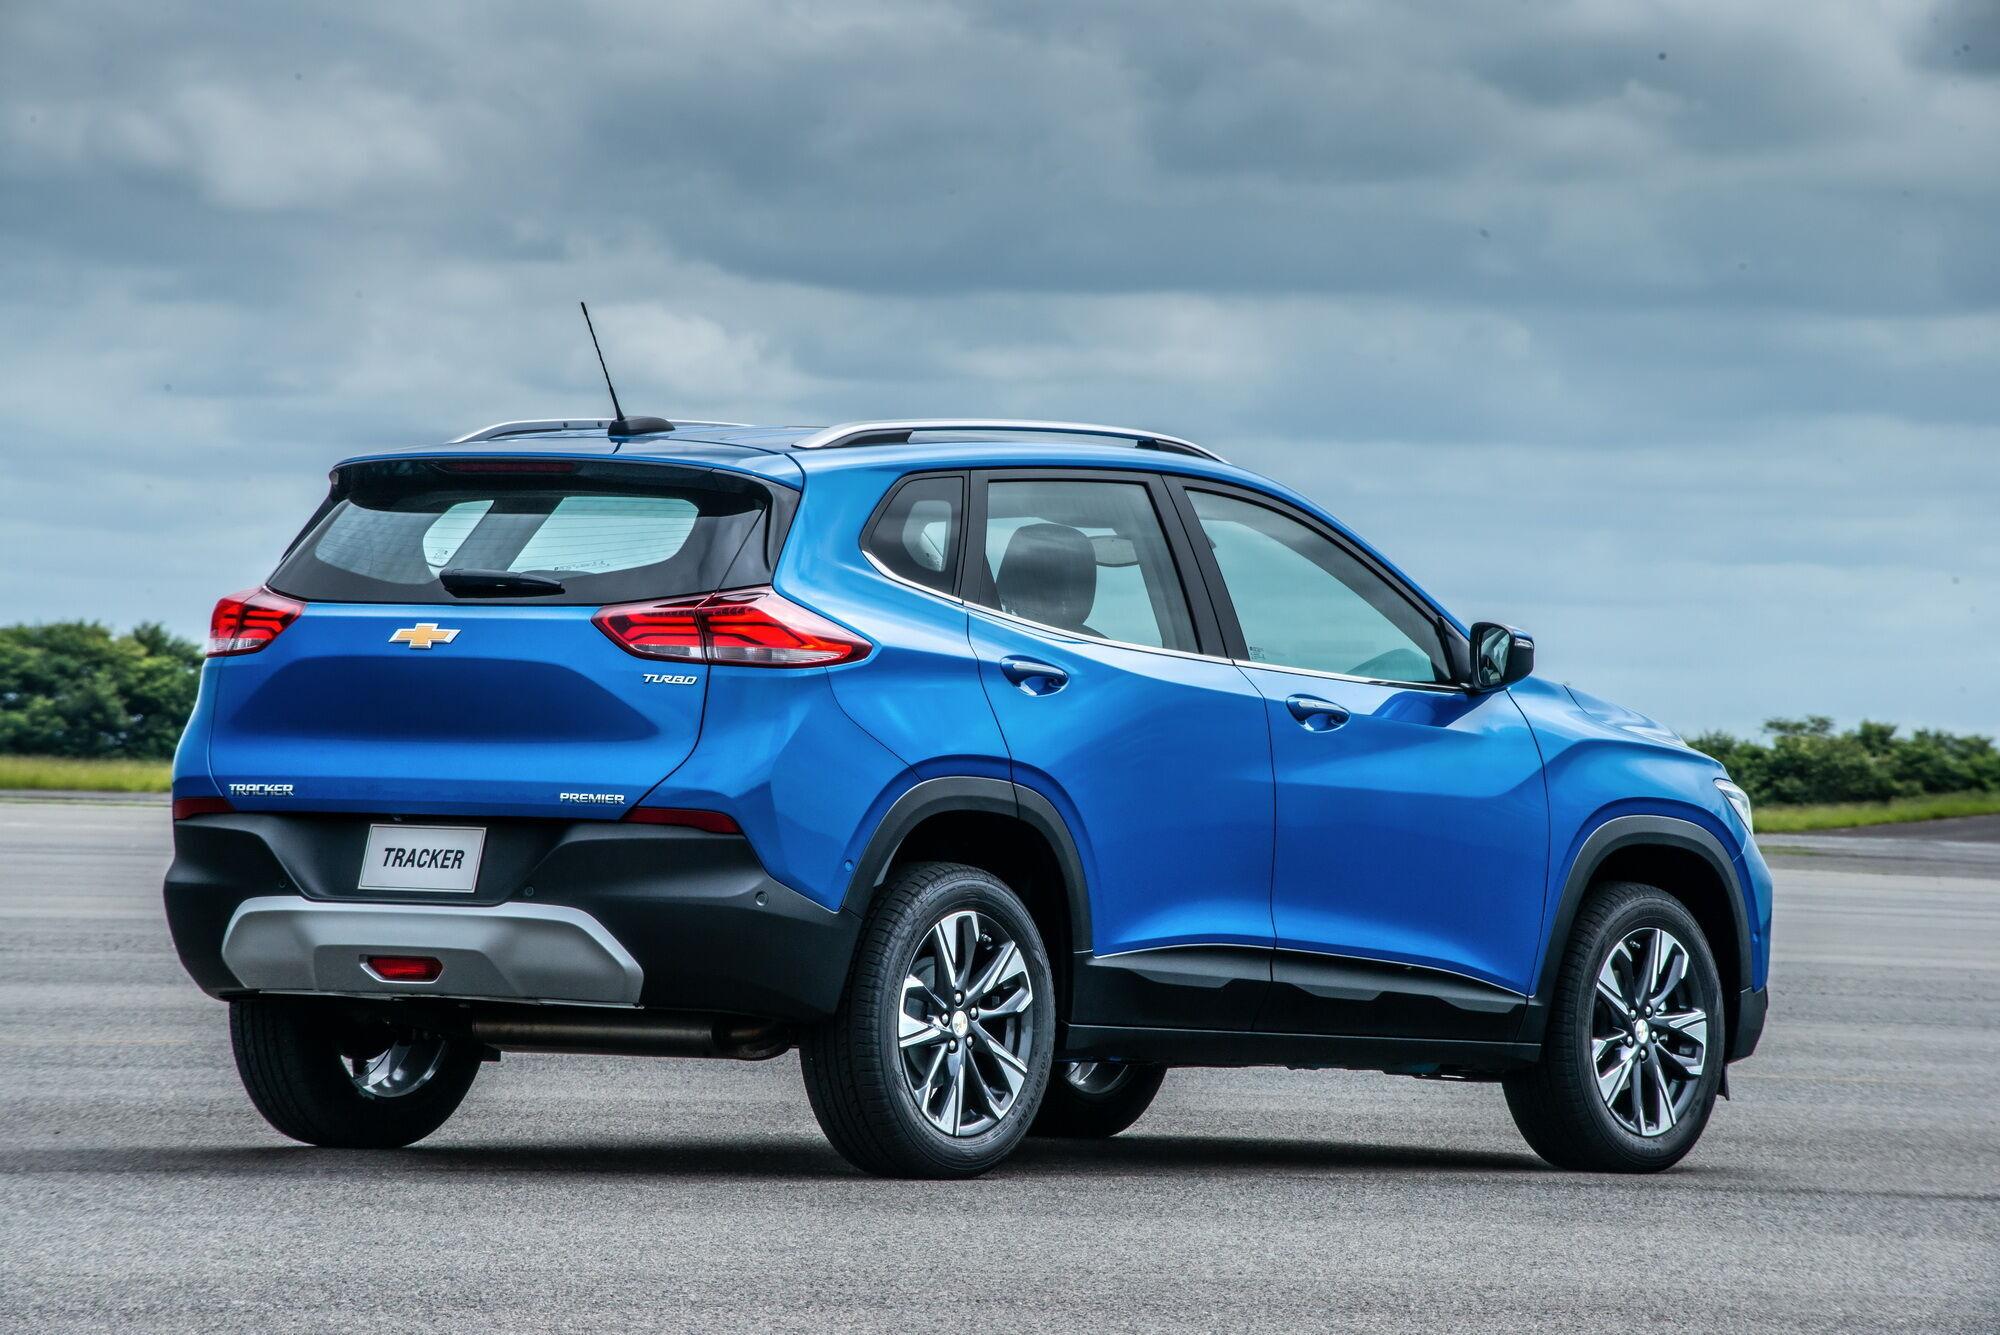 Chevrolet Tracker предлагается исключительно в переднеприводном варианте